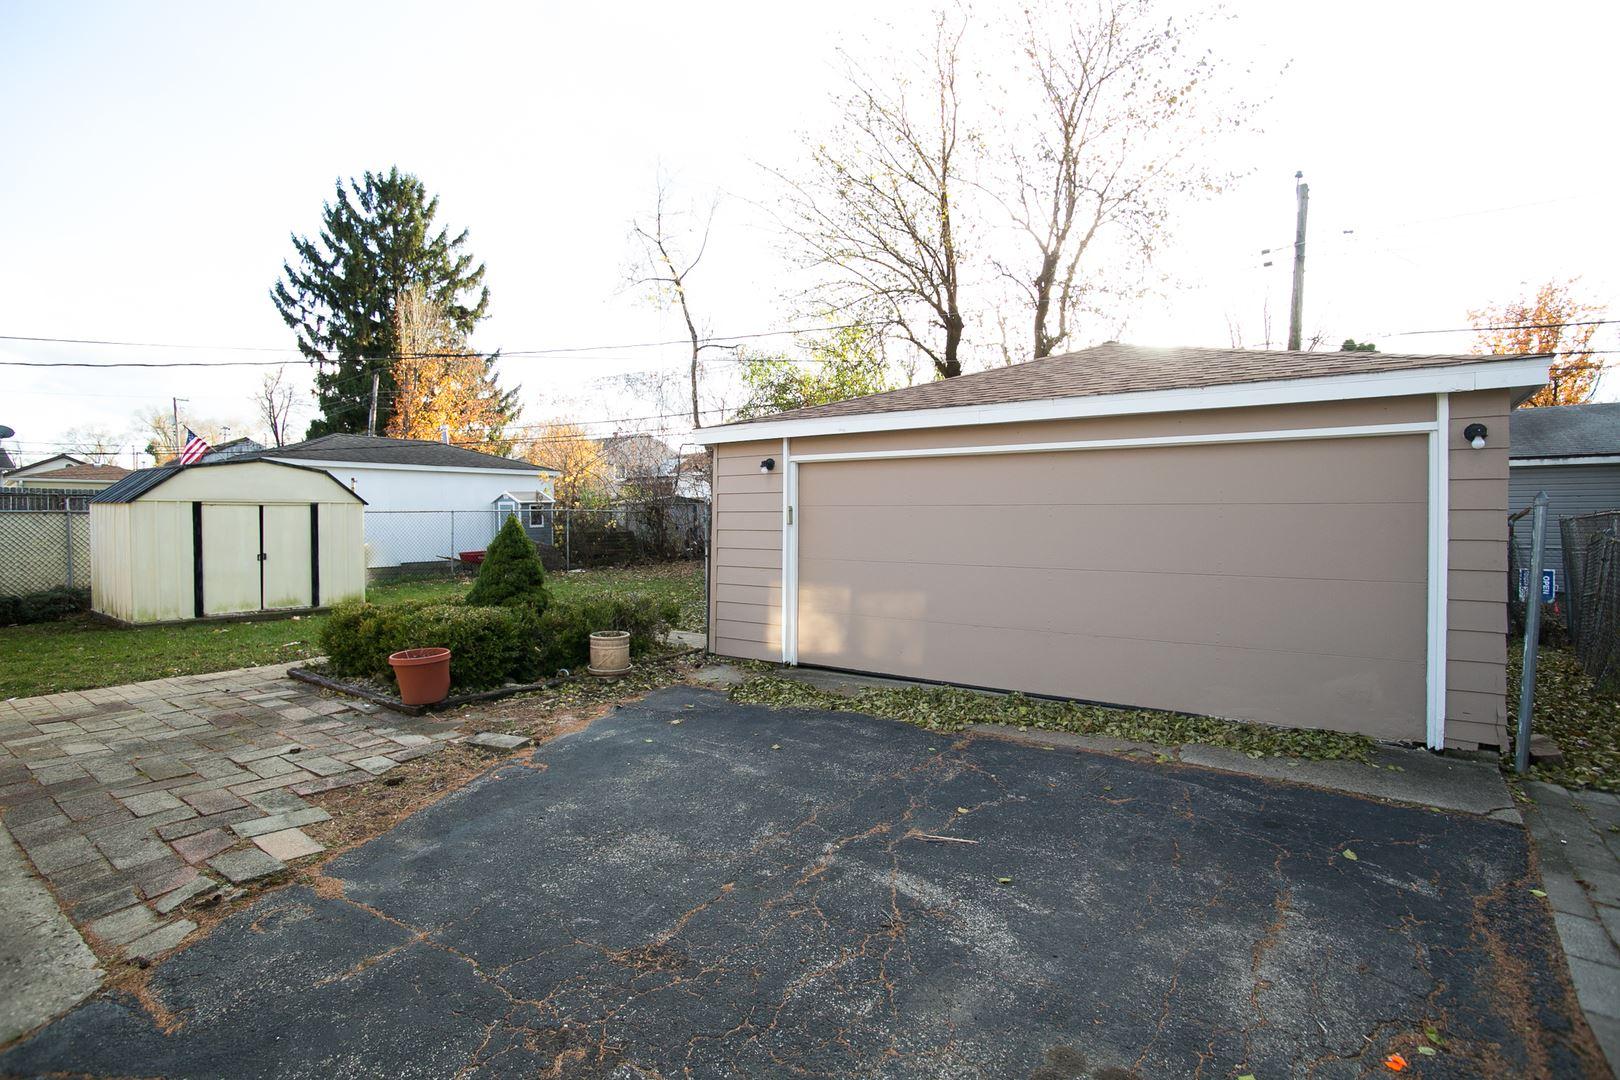 Photo of 432 Garland Avenue, Romeoville, IL 60446 (MLS # 10930296)